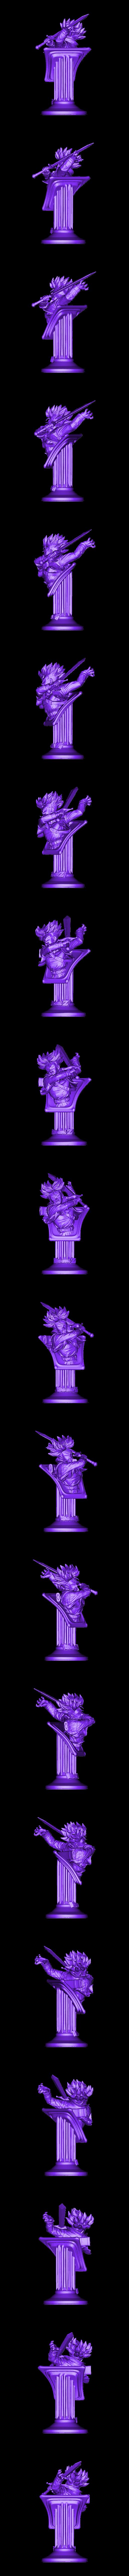 trunks (reparada).stl Télécharger fichier STL piédestalT2 • Plan pour impression 3D, lilia3dprint